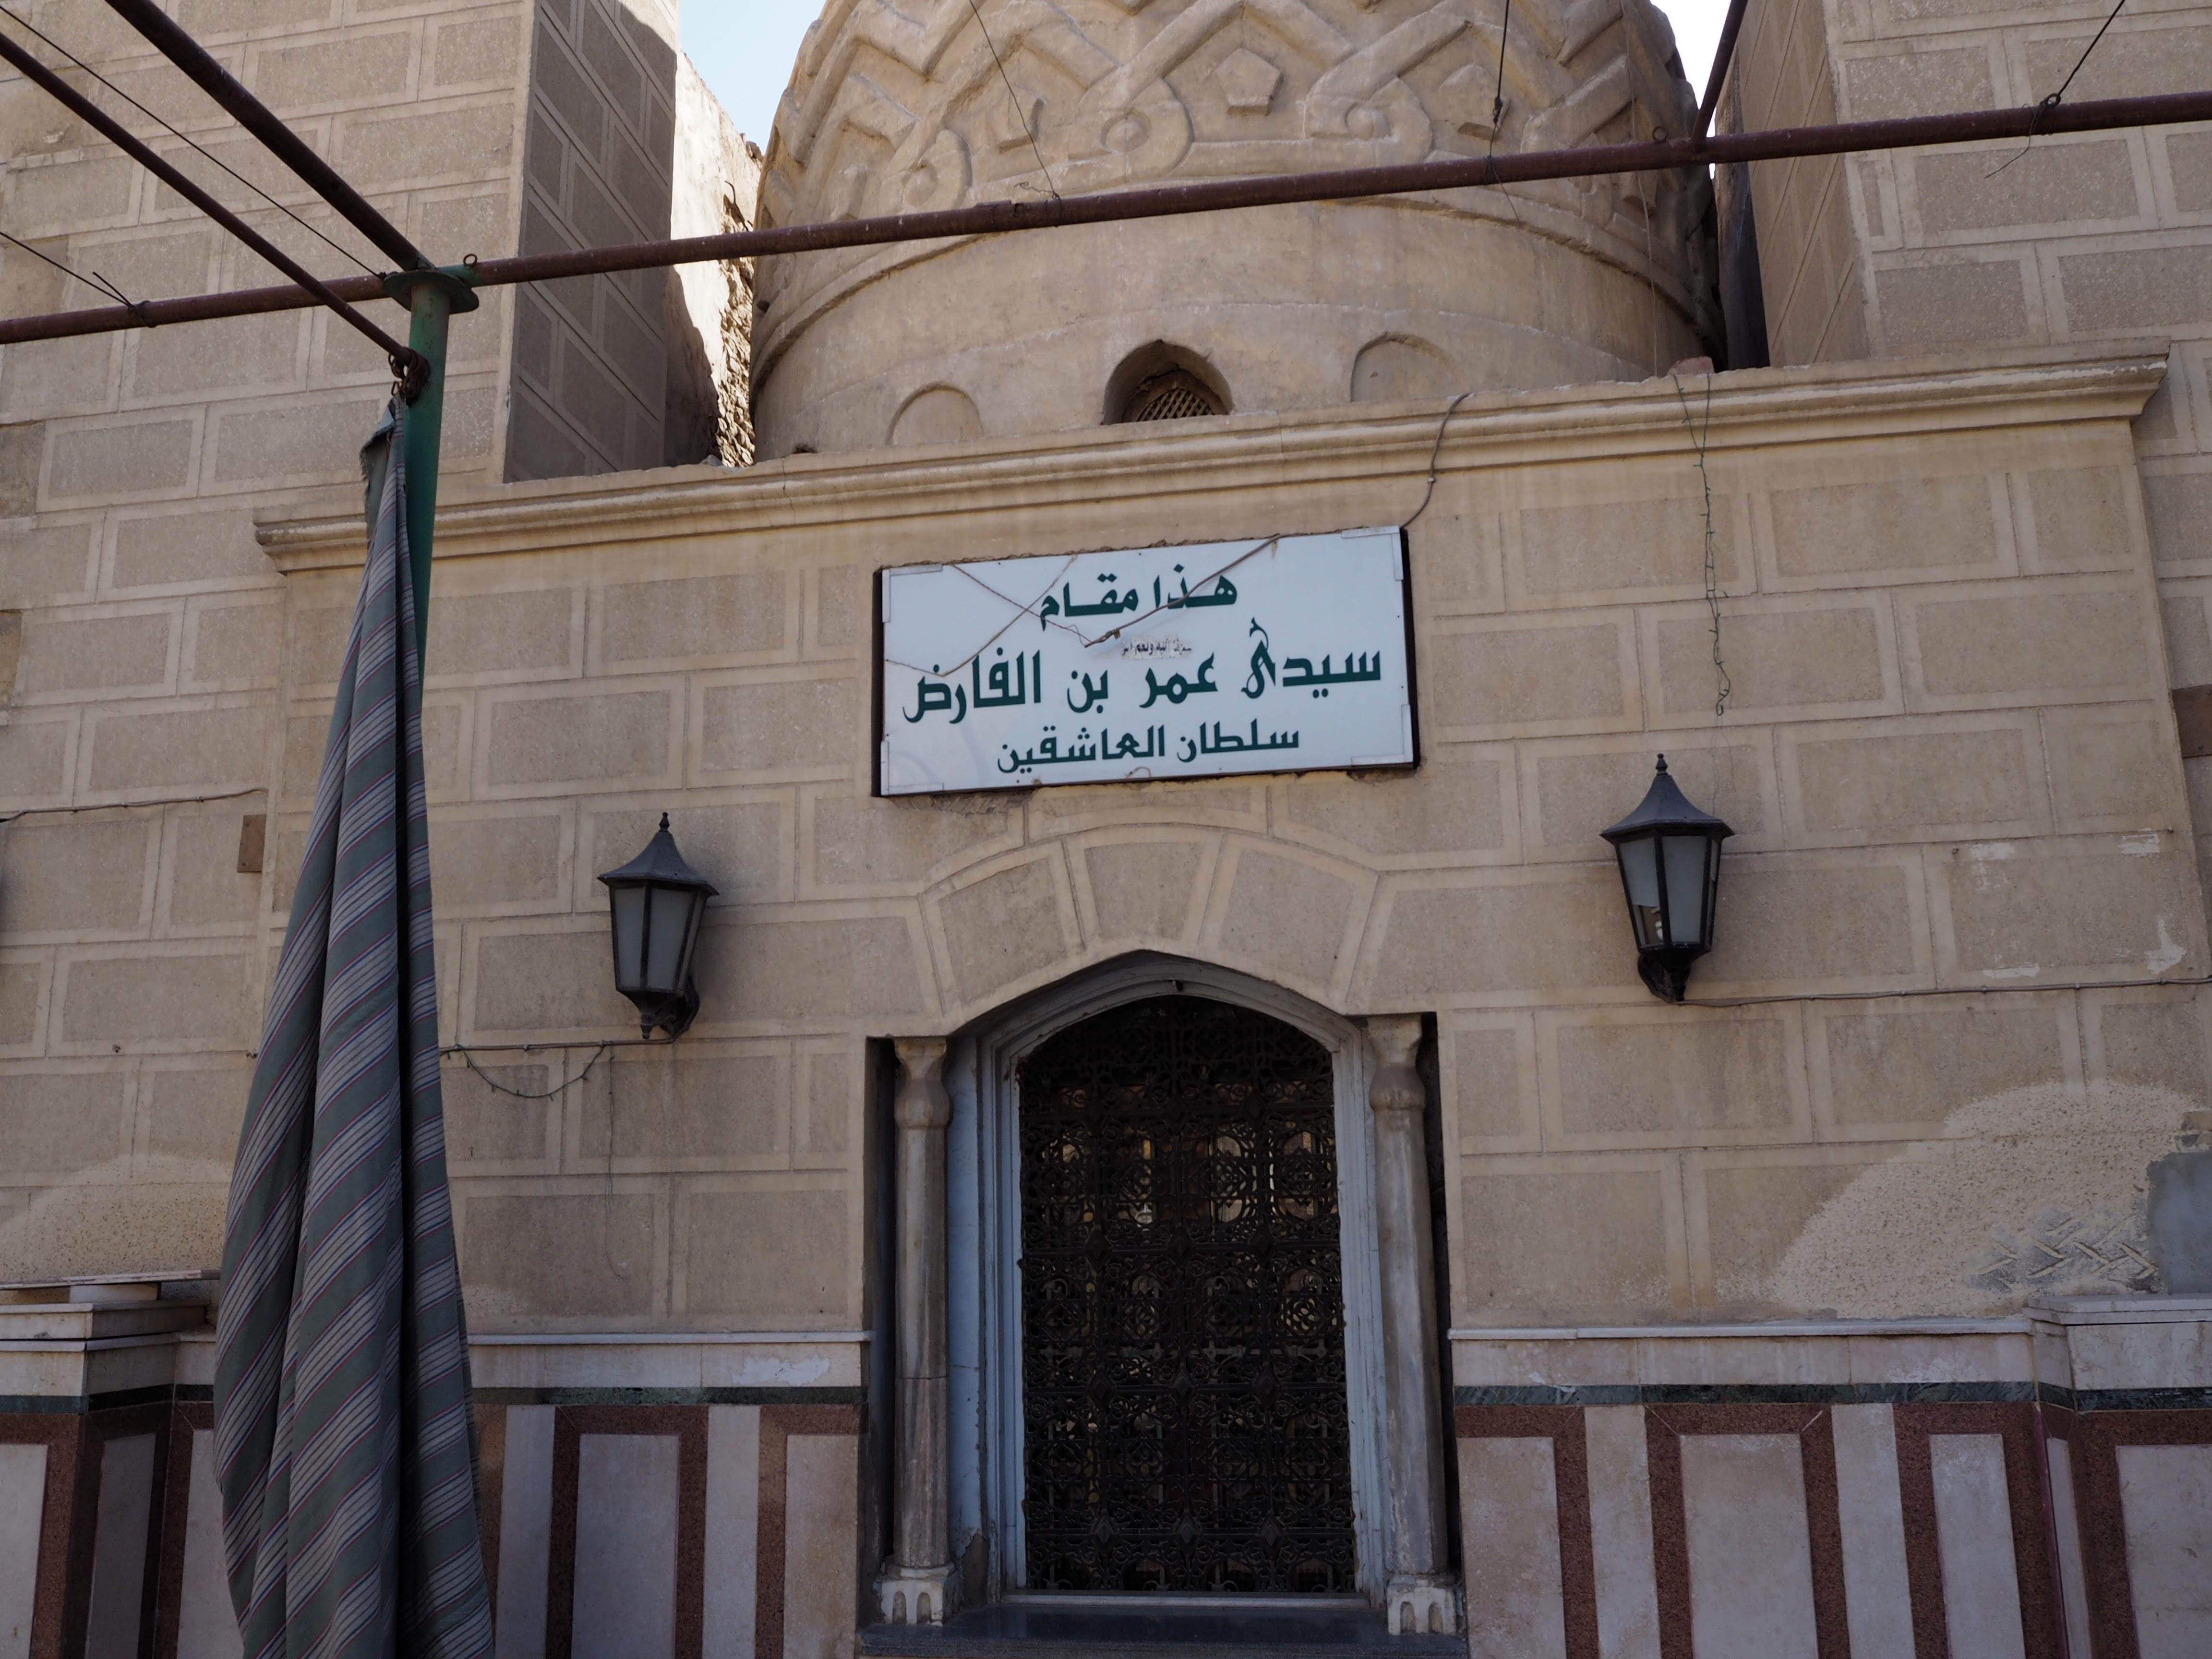 Umar ibn al Farid maqam